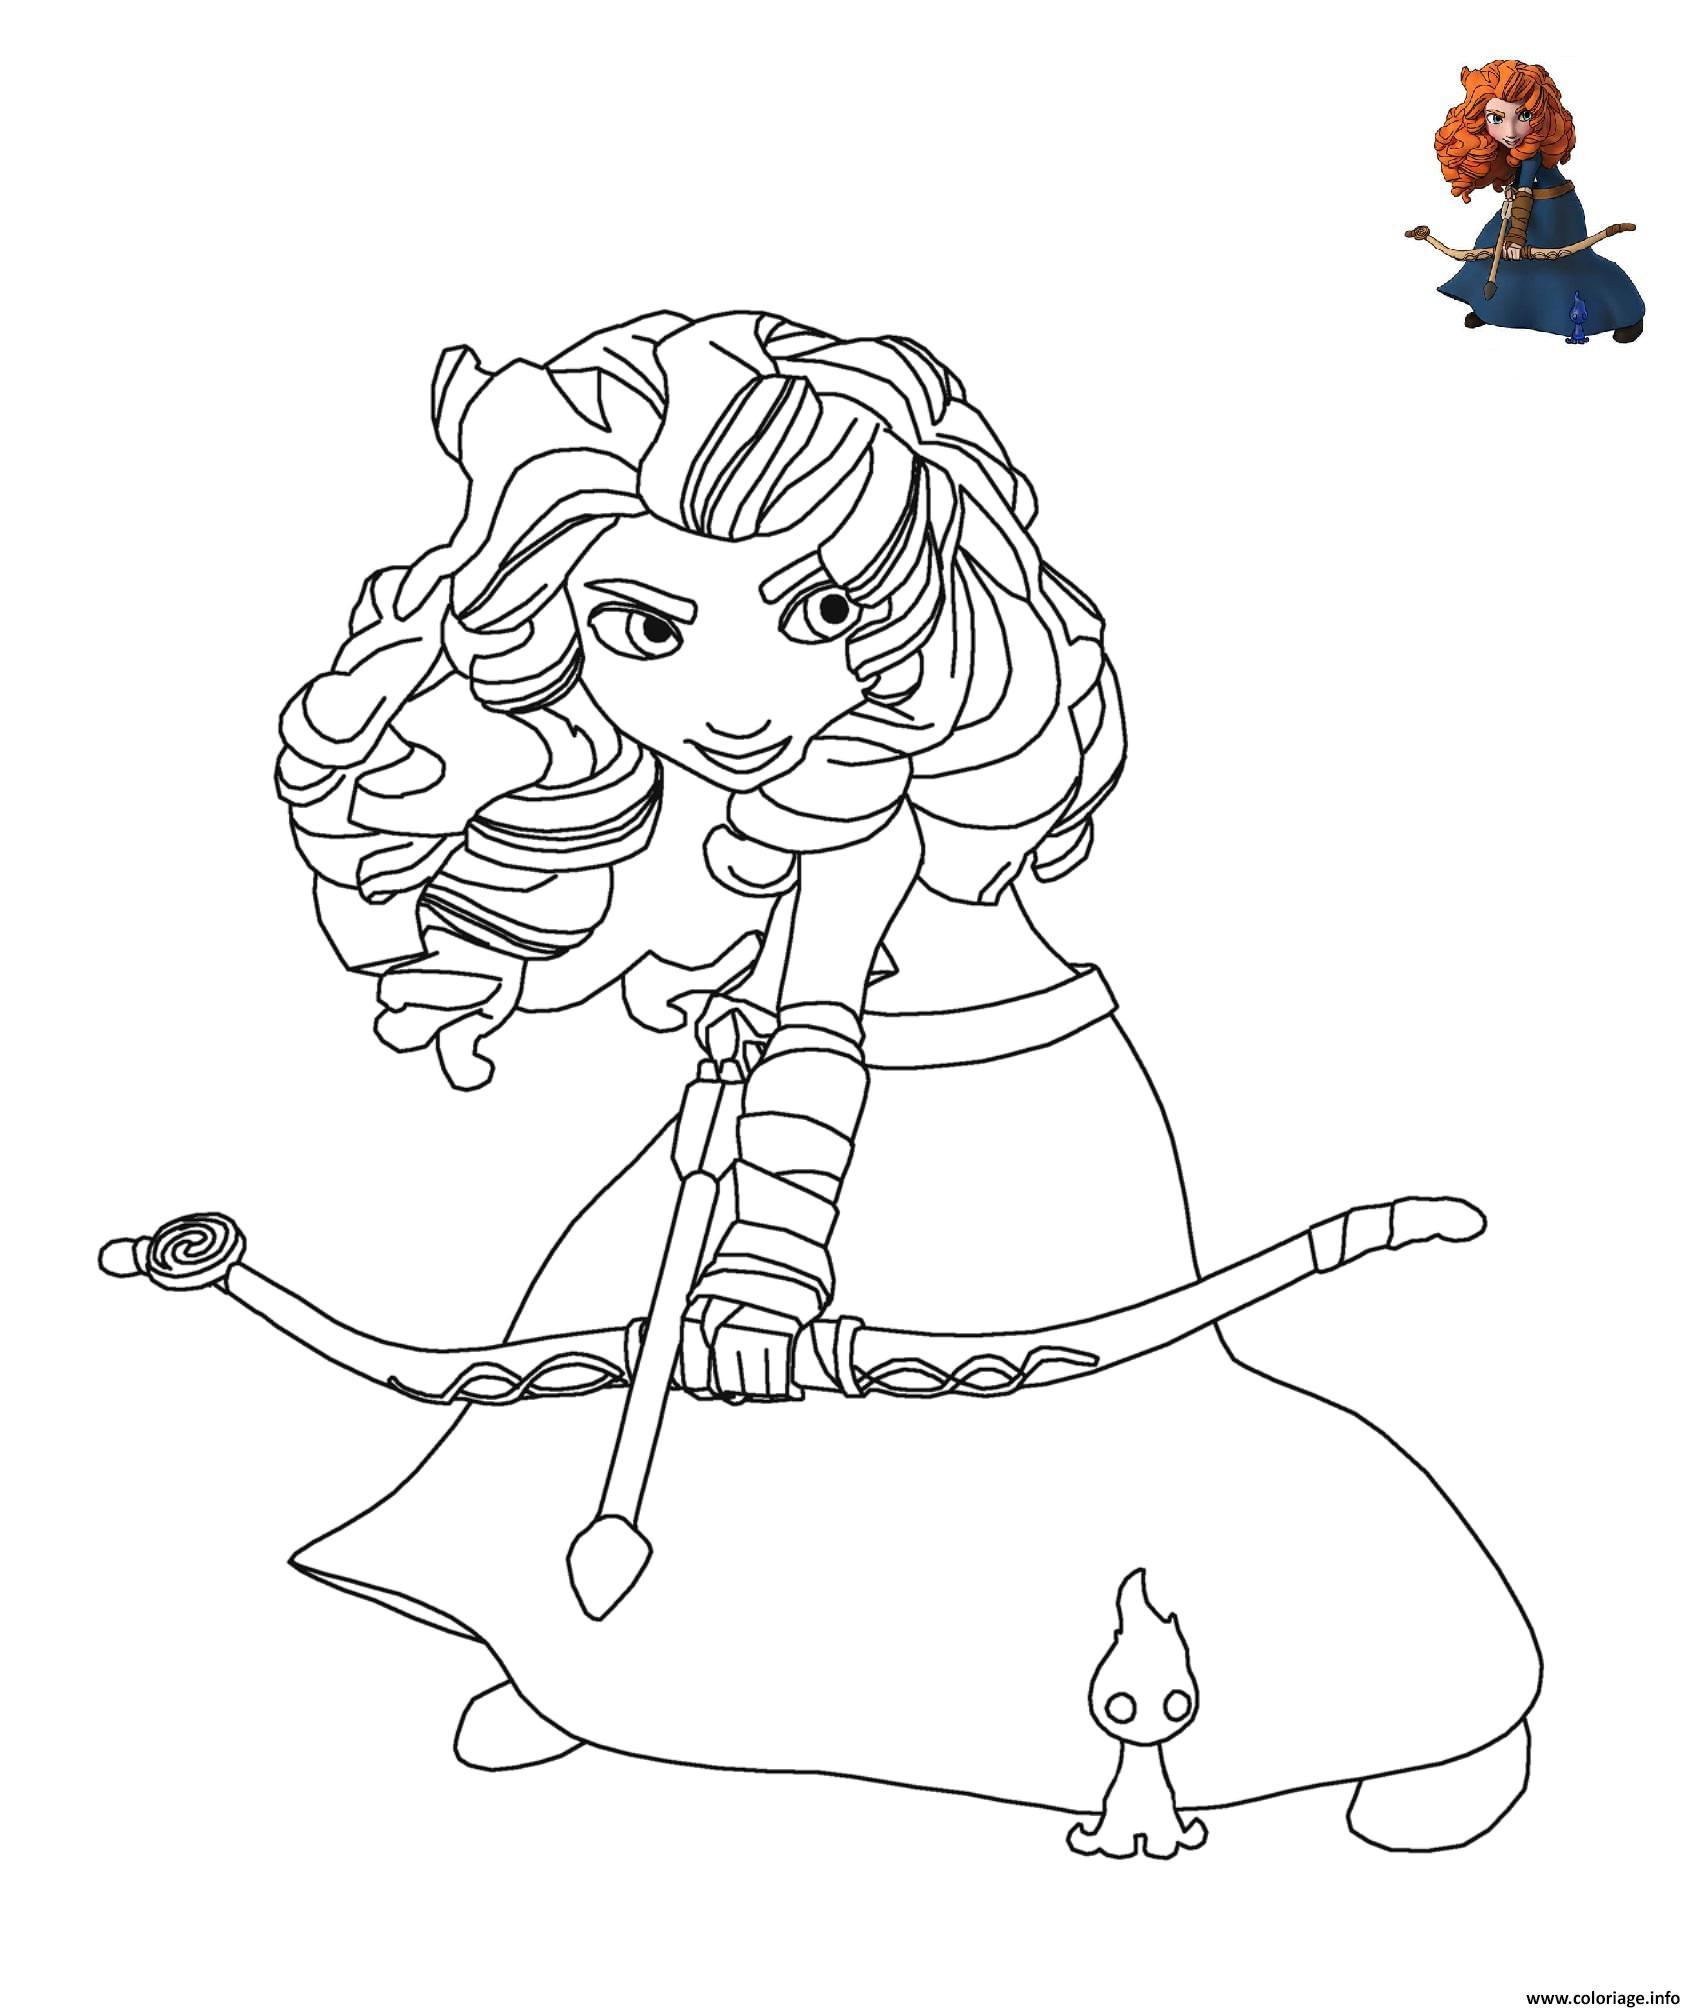 Coloriage merida la princesse rebelle de disney - Coloriage de rebelle ...